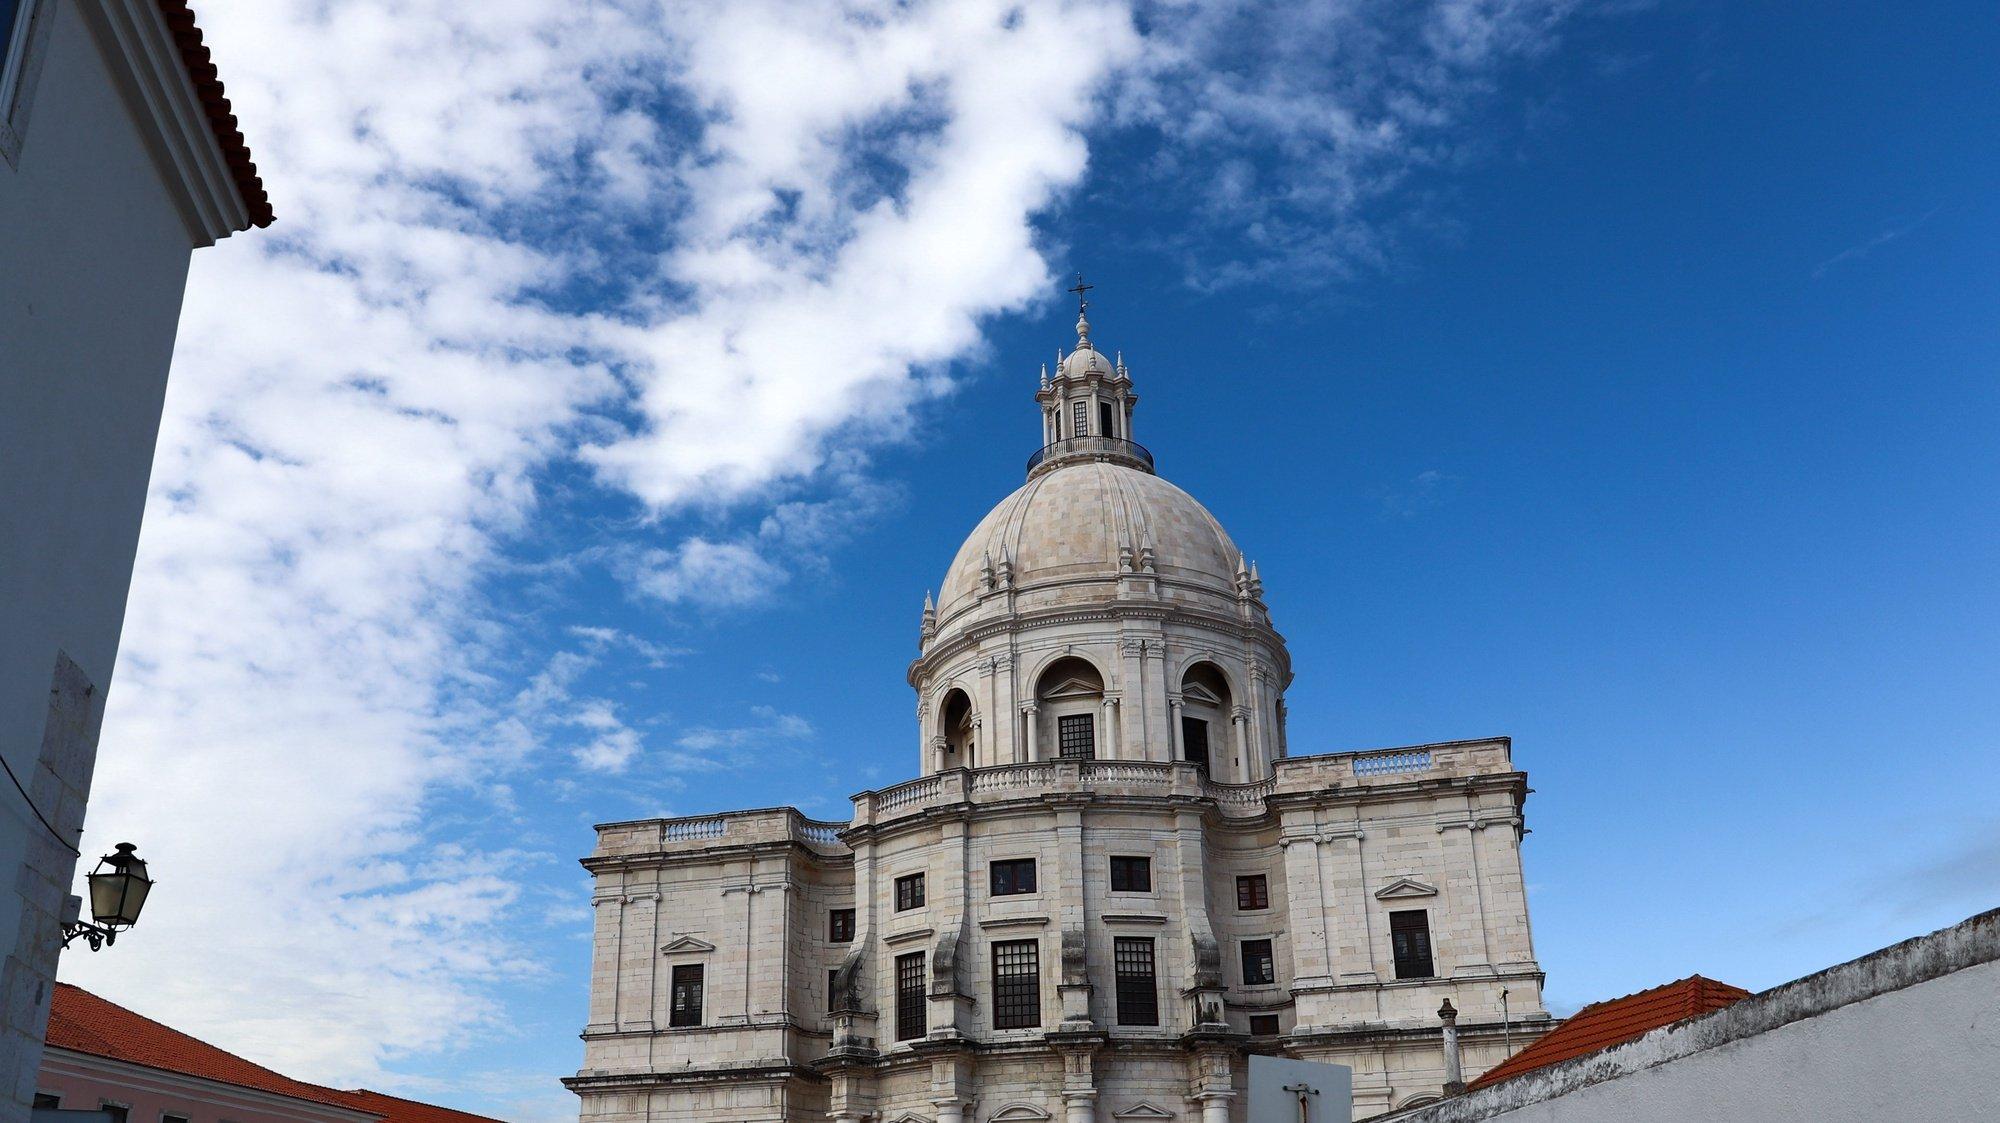 Igreja de Santa Engrácia / Panteão Nacional, Lisboa, 24 de junho de 2019. ANTÓNIO COTRIM/LUSA